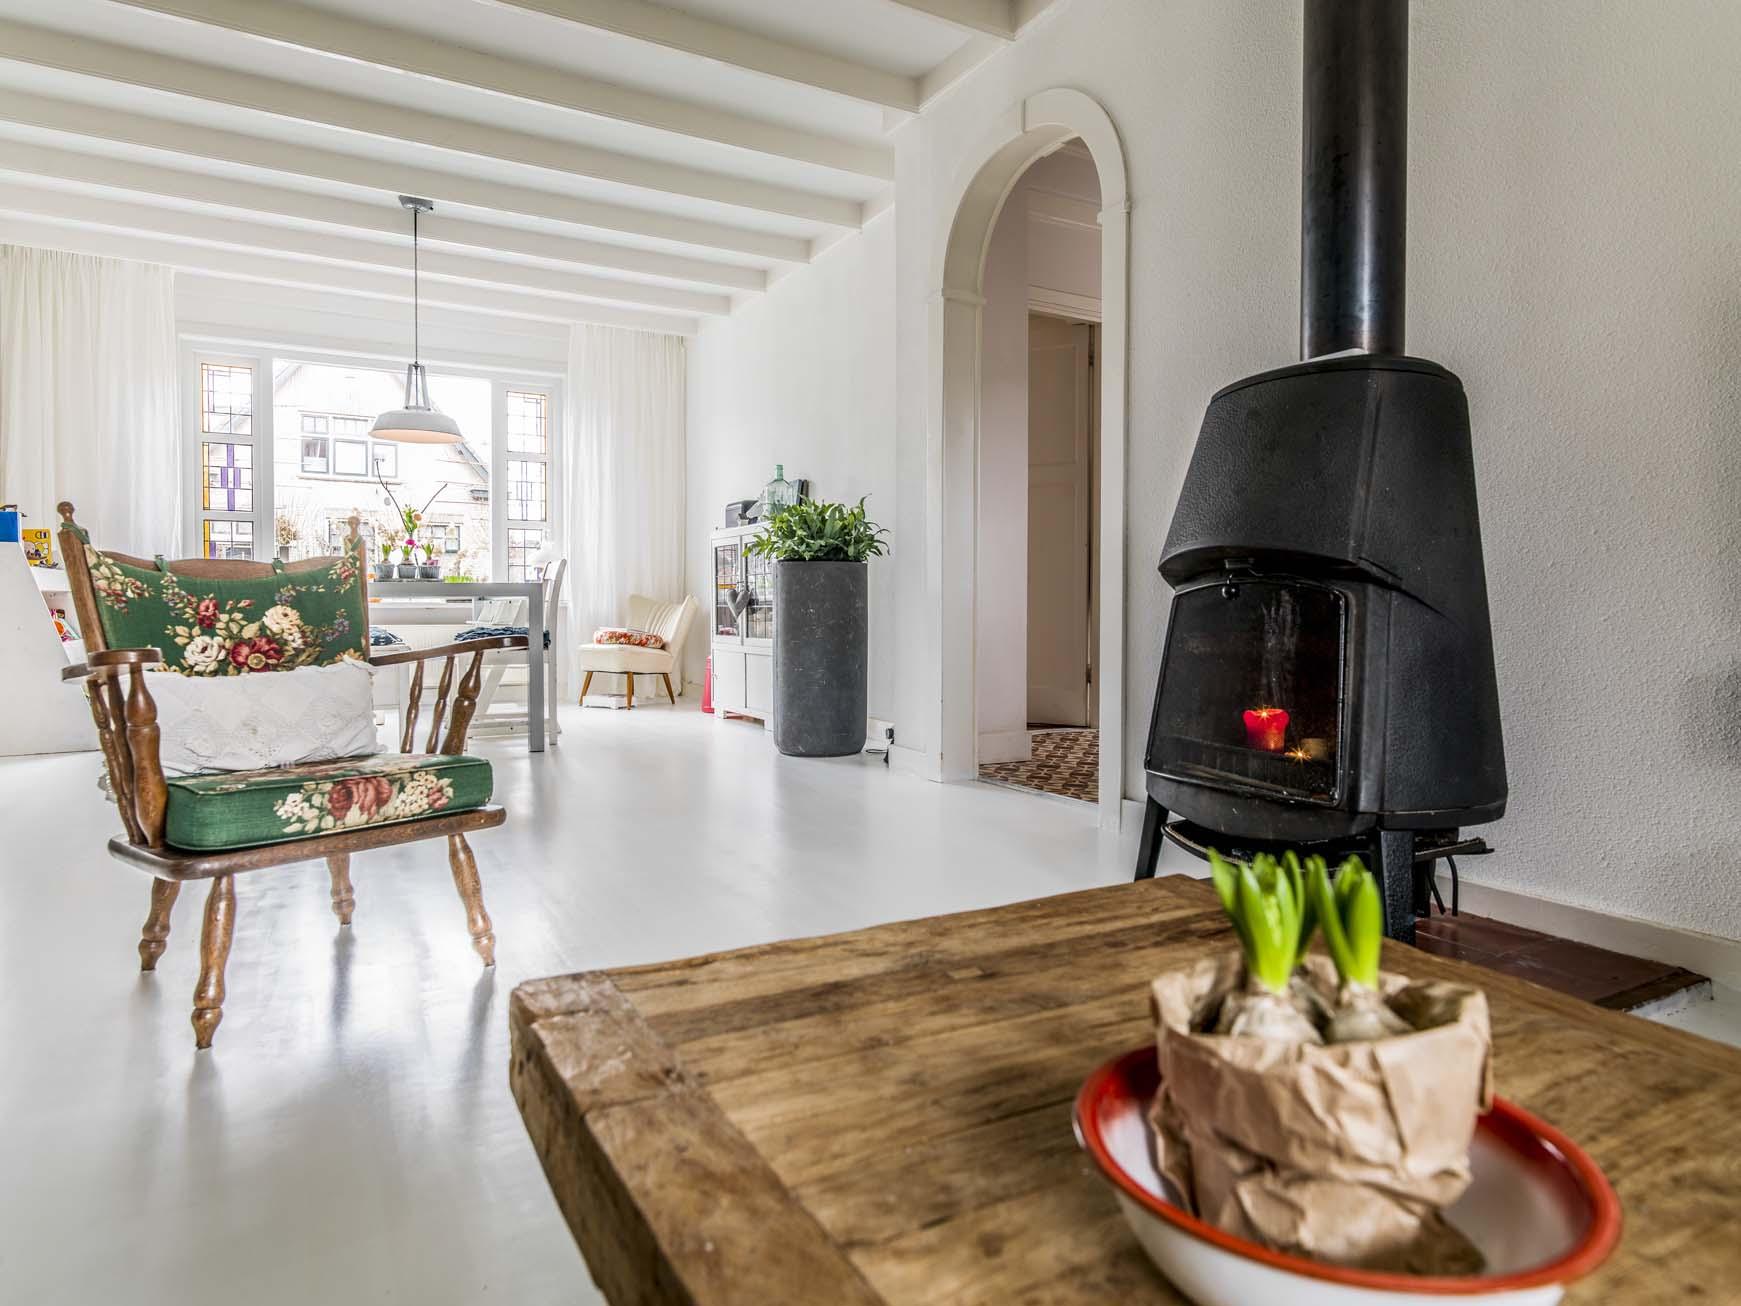 Vloer houten vloeren wit schilderen : Houten Vloer Dekkend Wit Met Woca Floorpaint, Hoogeveen - Baltussen ...